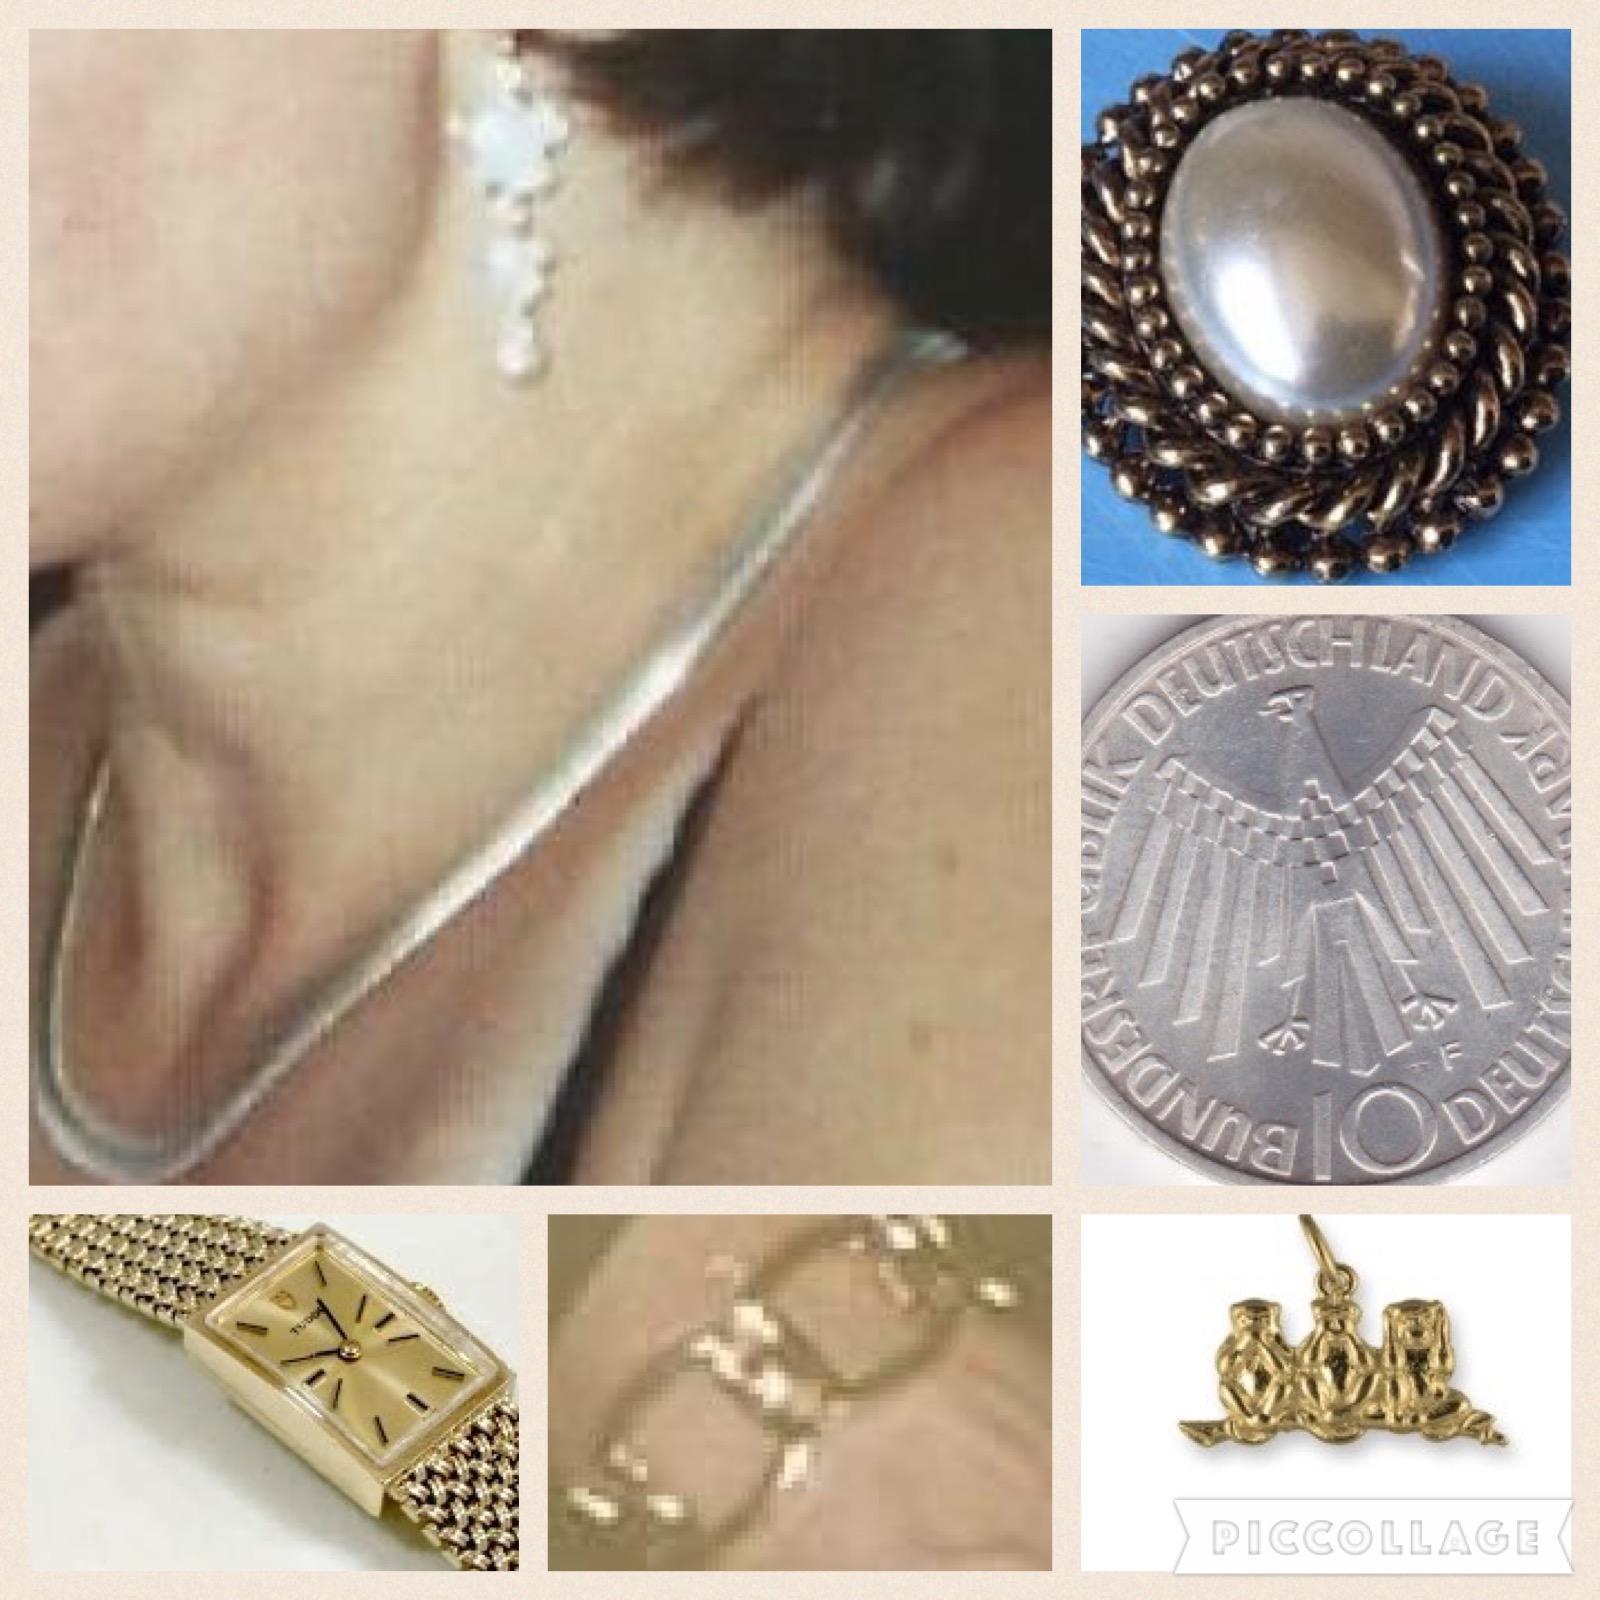 Ashton Heights stolen jewellery